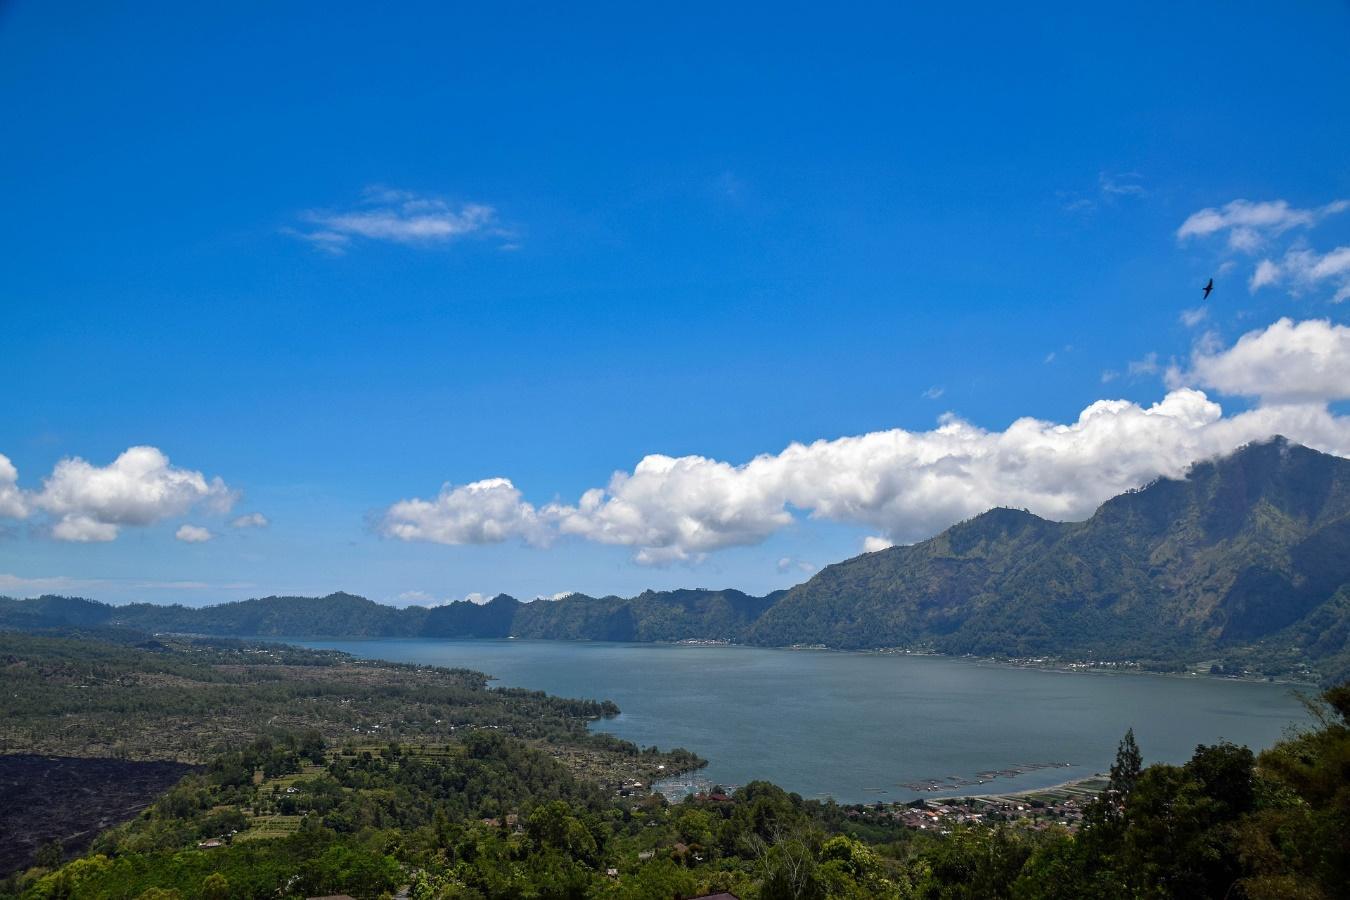 Danau Batur Bali - Kintamani